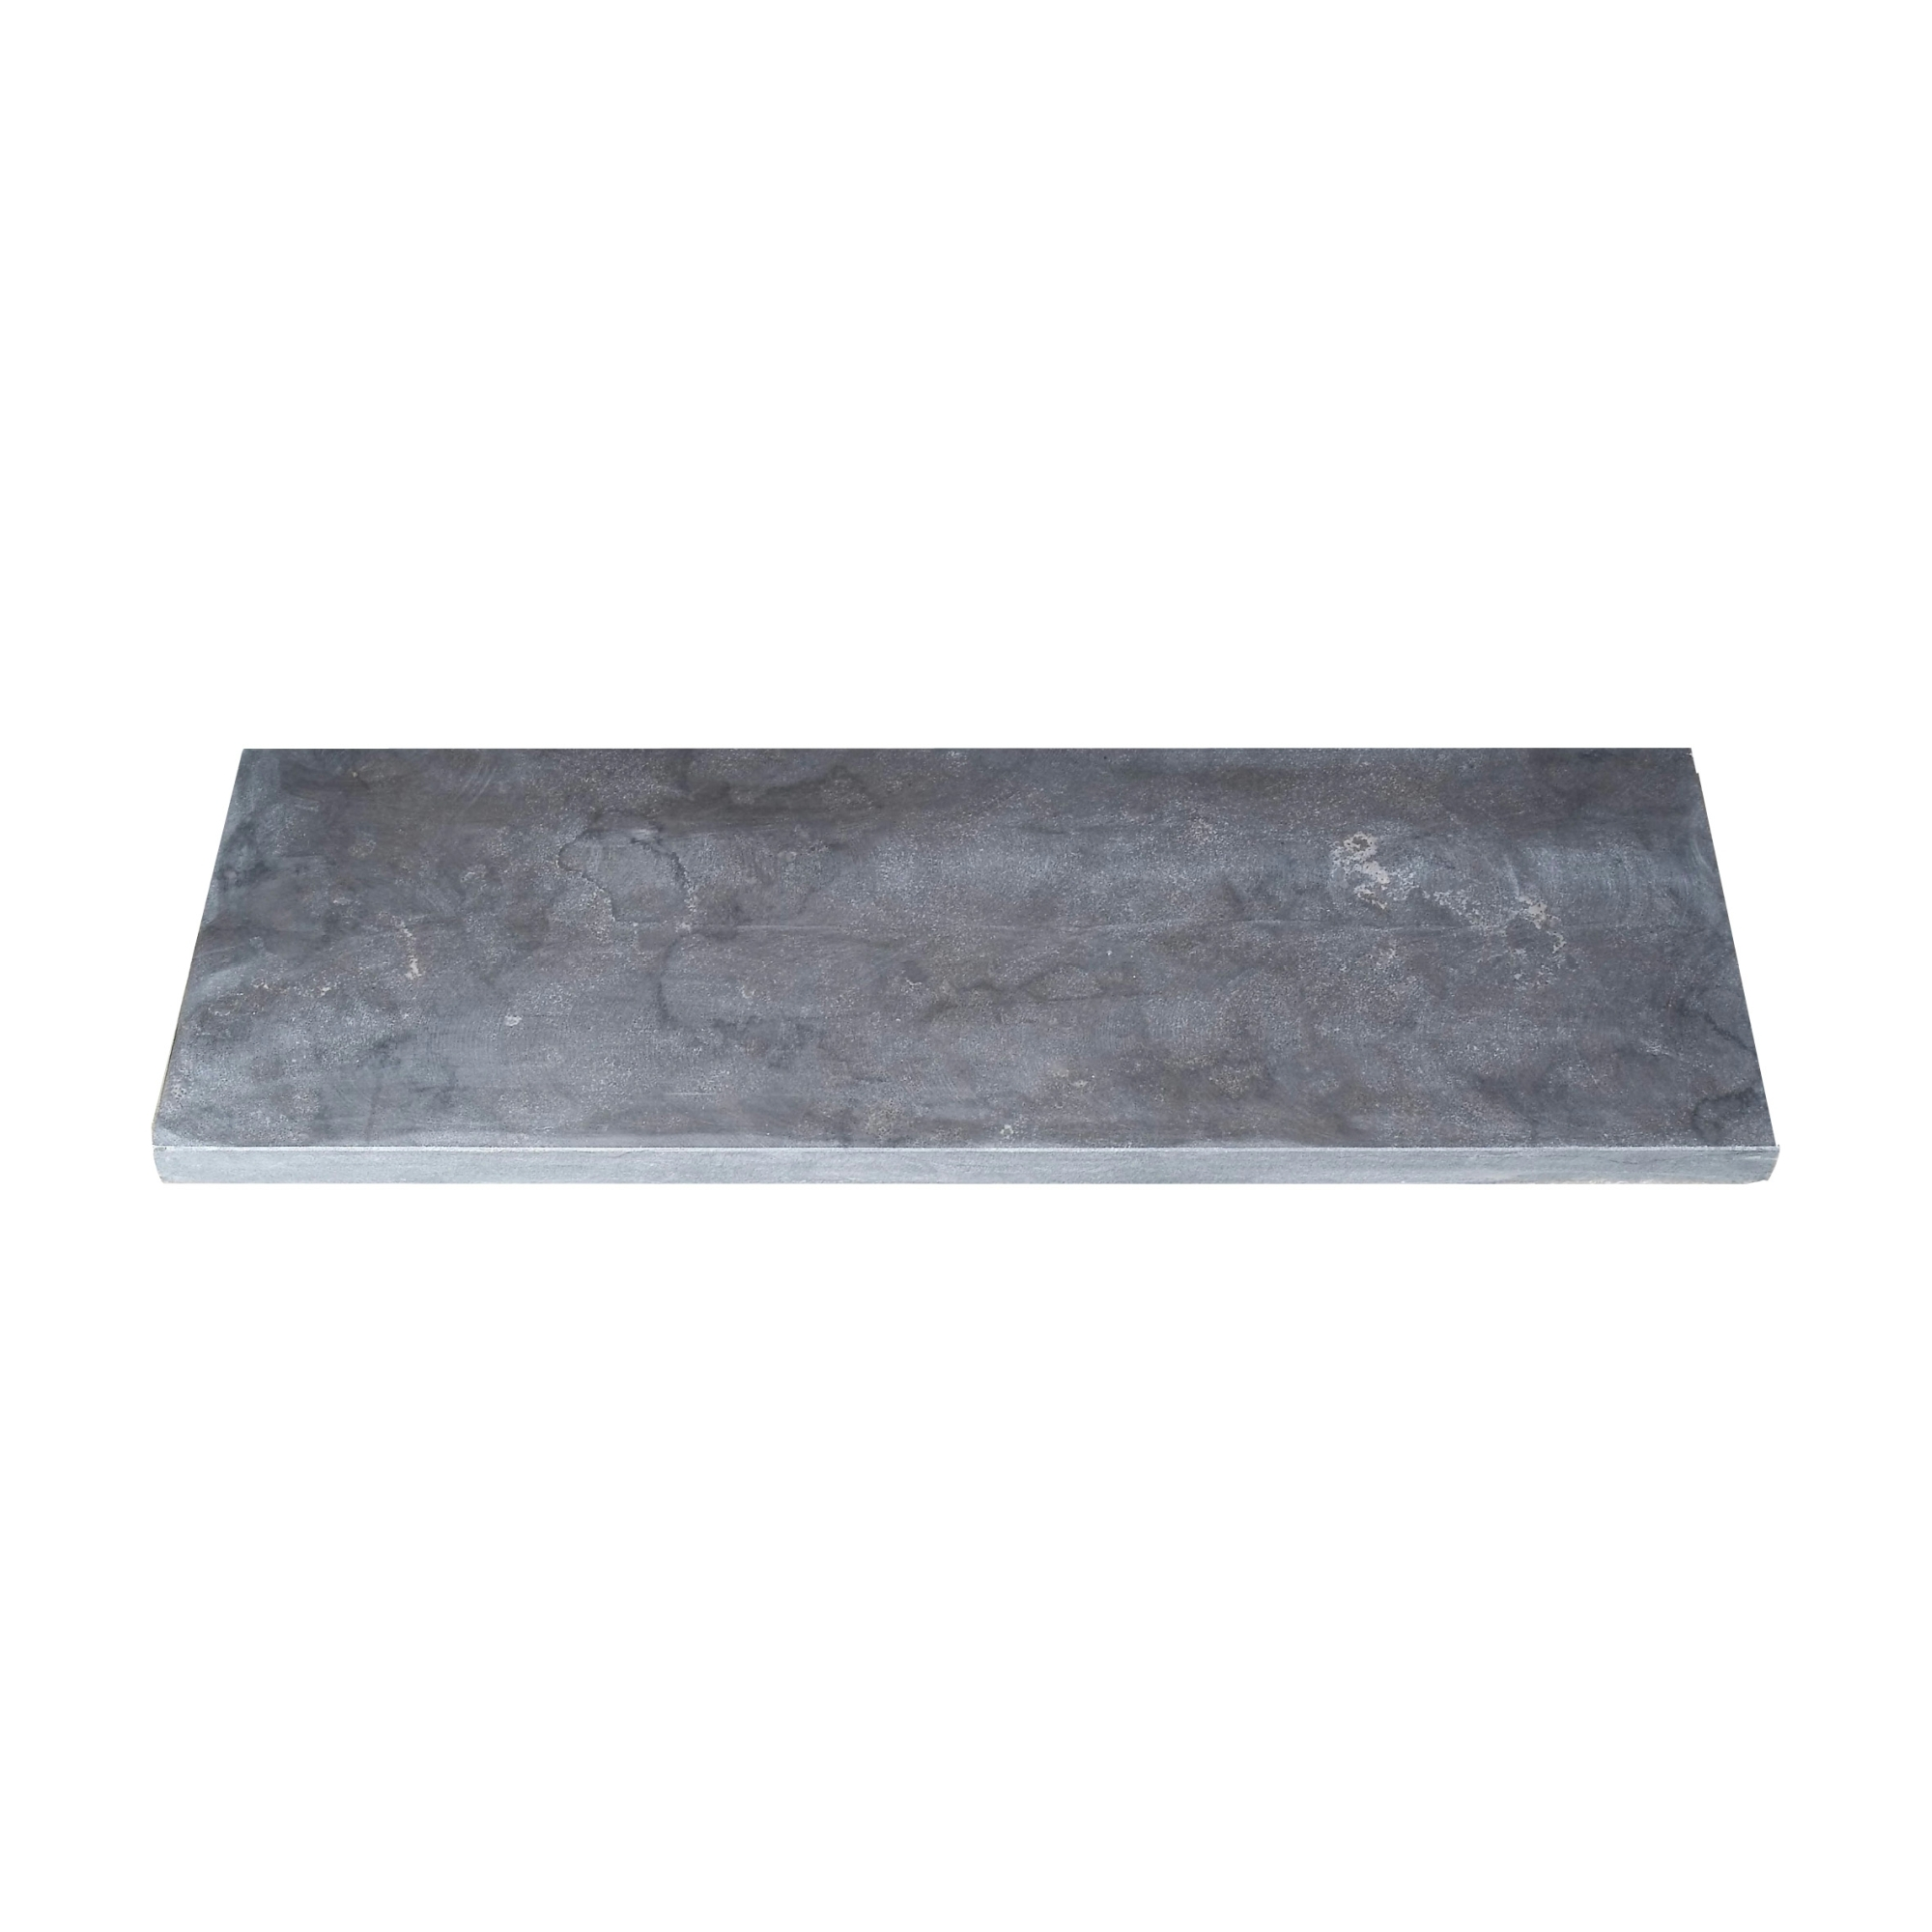 couvre mur en bluestone lisse 100x35x4 cm fa ade mat riaux de construction. Black Bedroom Furniture Sets. Home Design Ideas